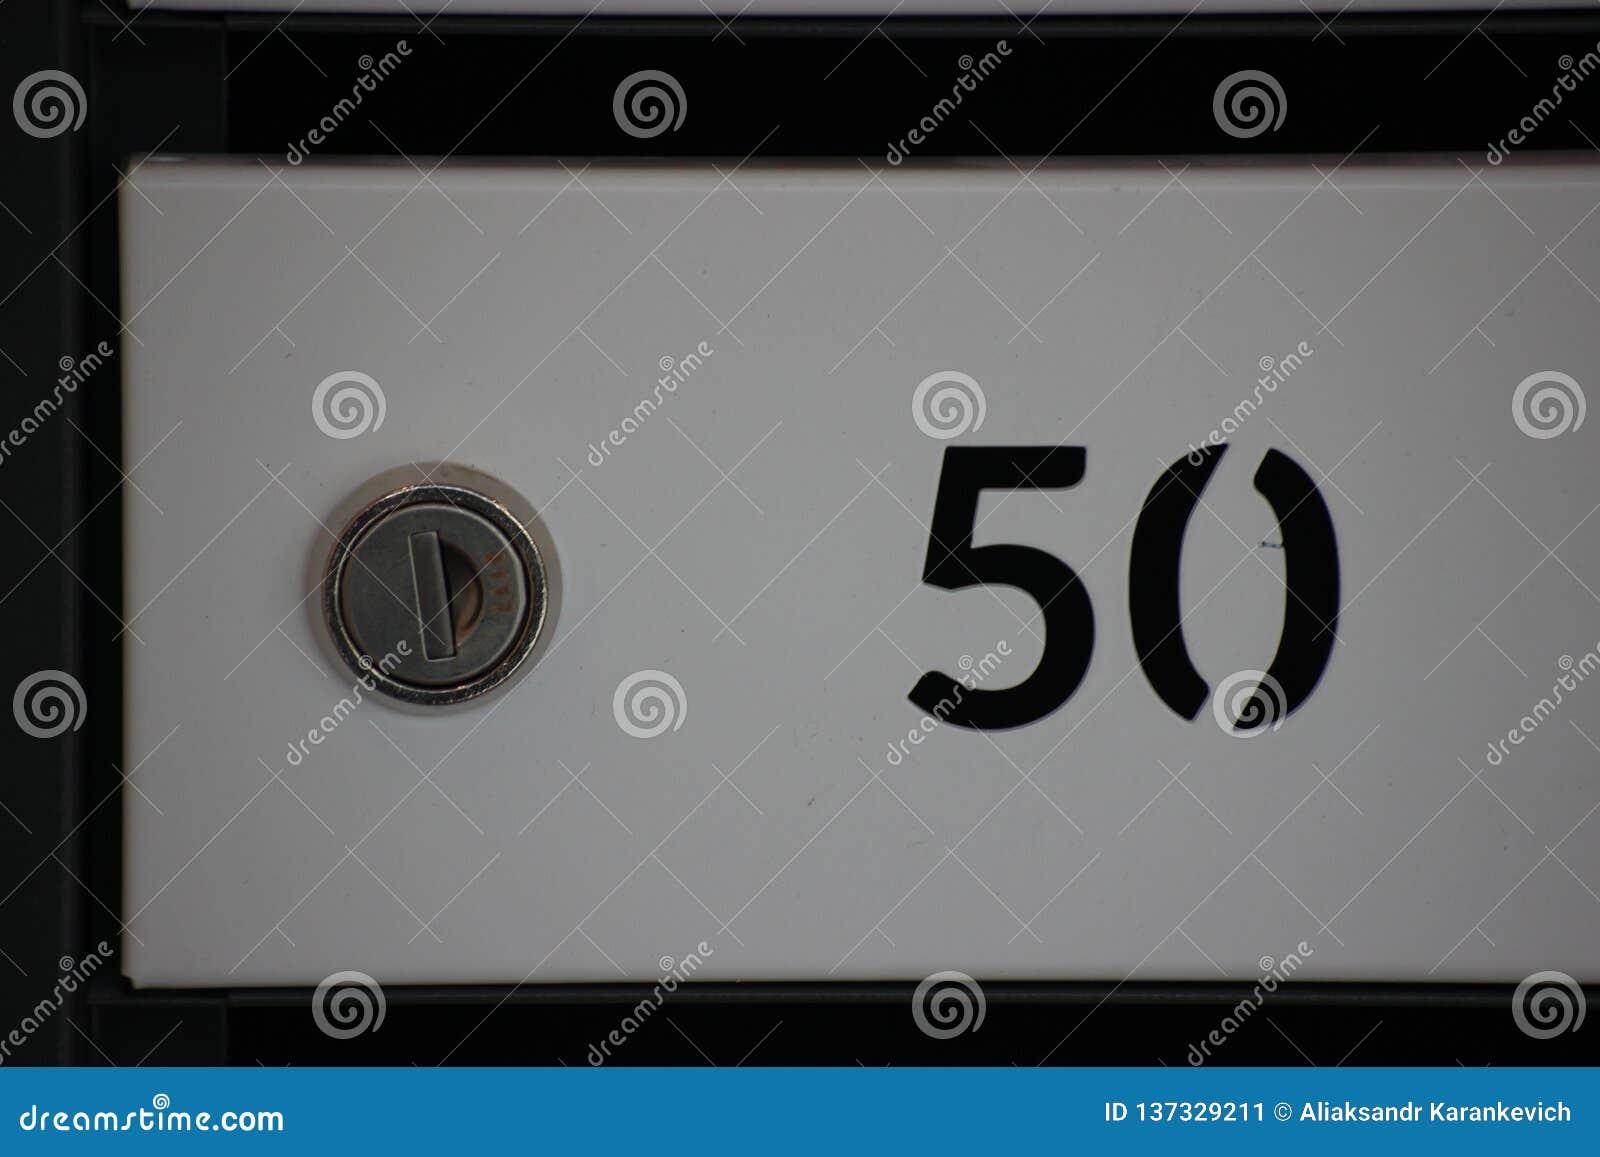 Caja de número para el correo, colección separada de paquetes y de letras y periódicos en un edificio de varios pisos caja con la